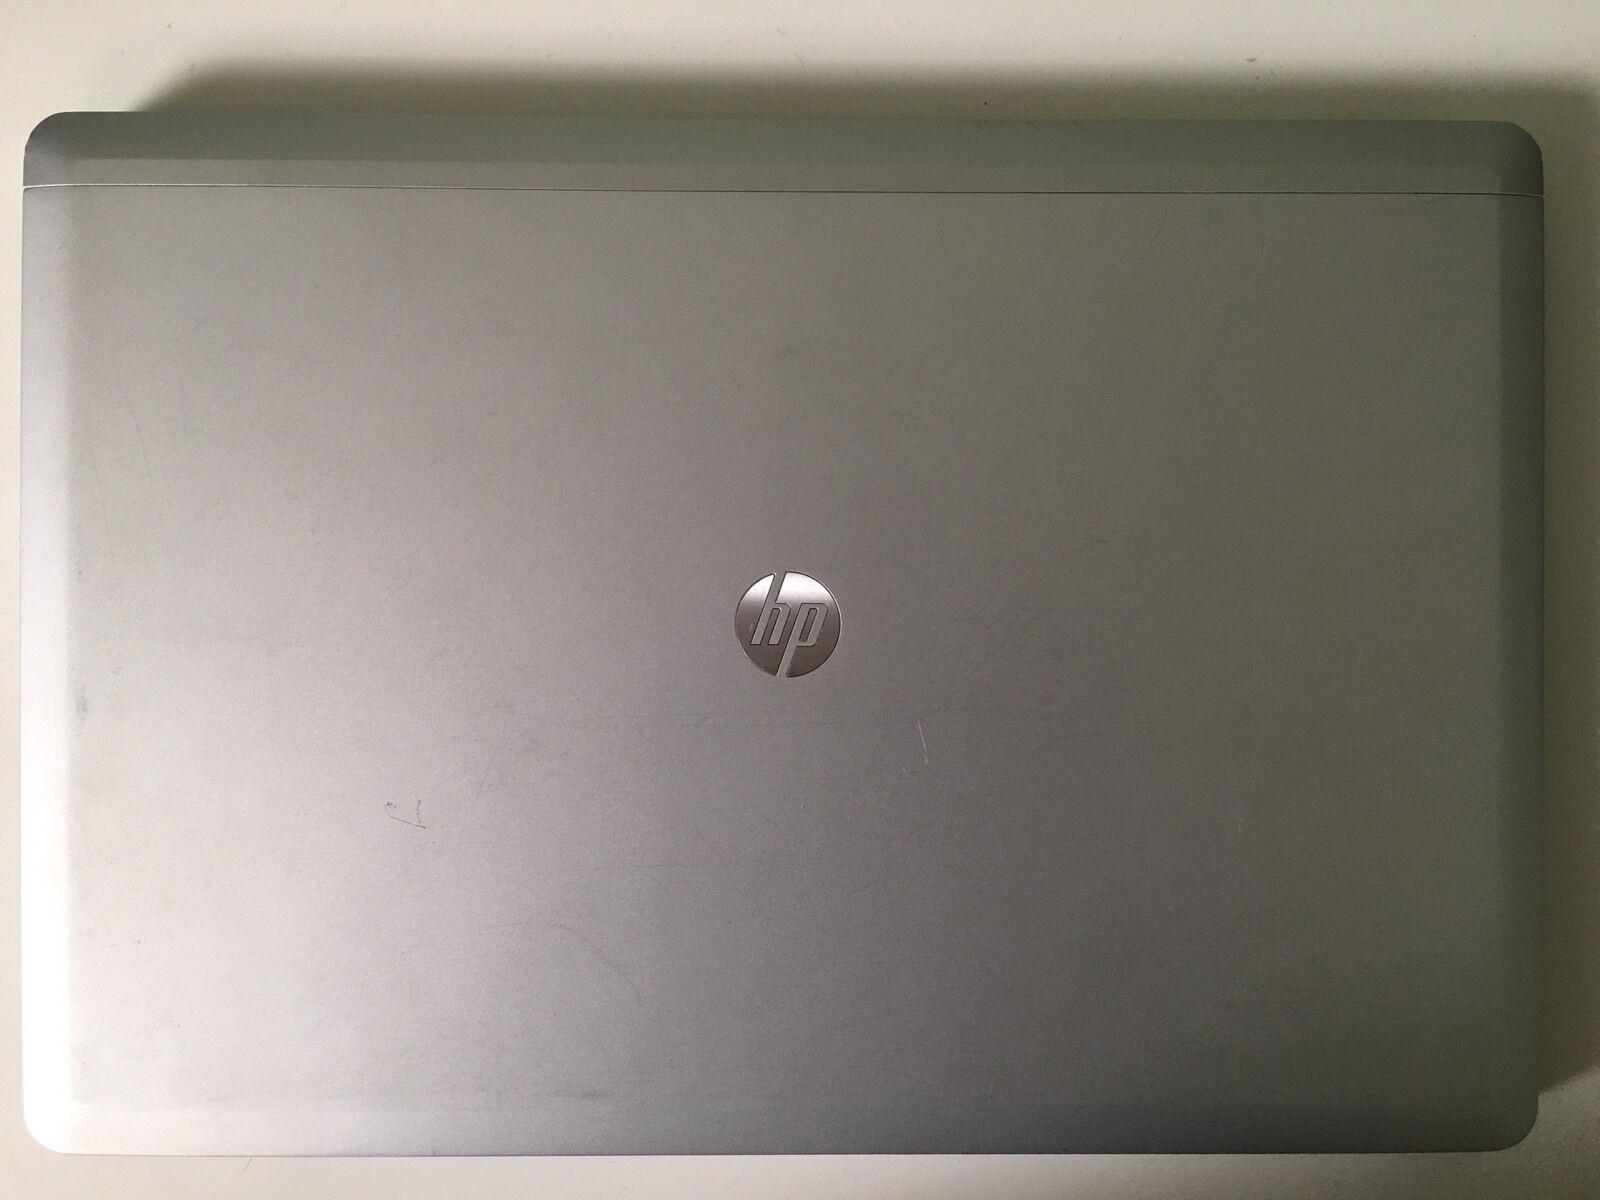 מוצר - HP Elitebook Folio 9480M i7 vPro 4600U 2 1GHz 8 GB Ram 256 GB